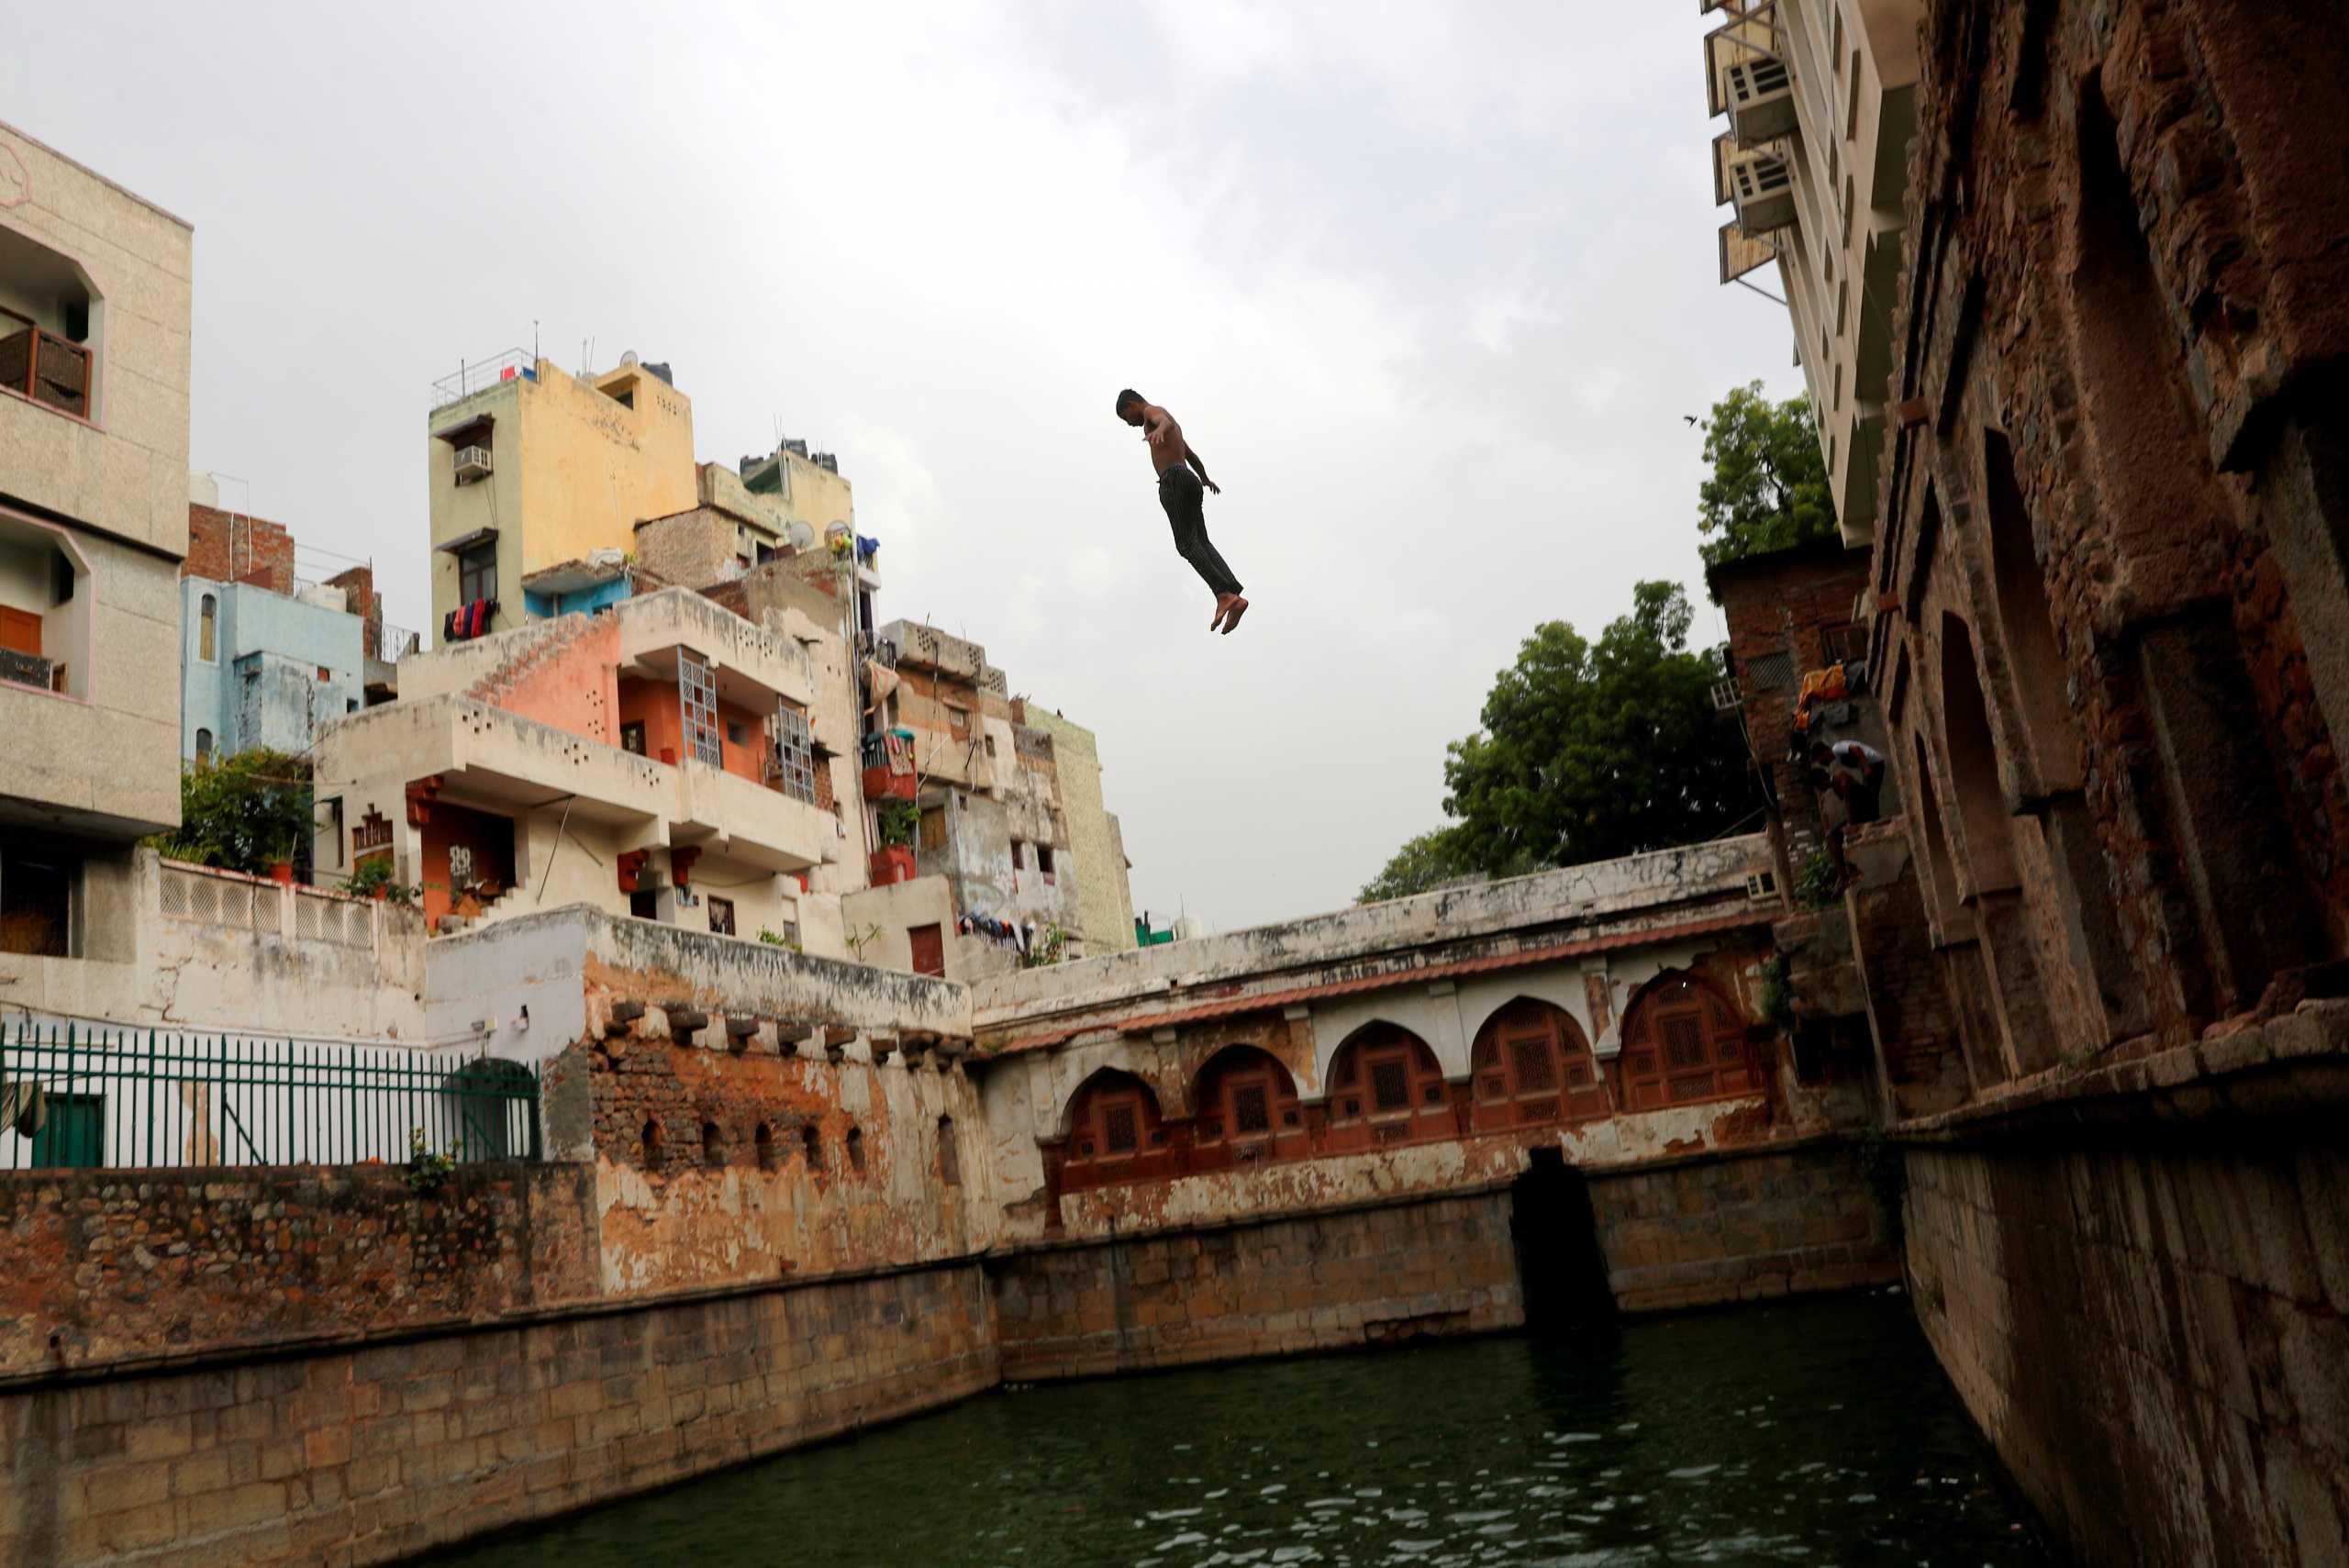 Ινδία: Εκτός από την πανδημία τους χτυπάει και ο καύσωνας